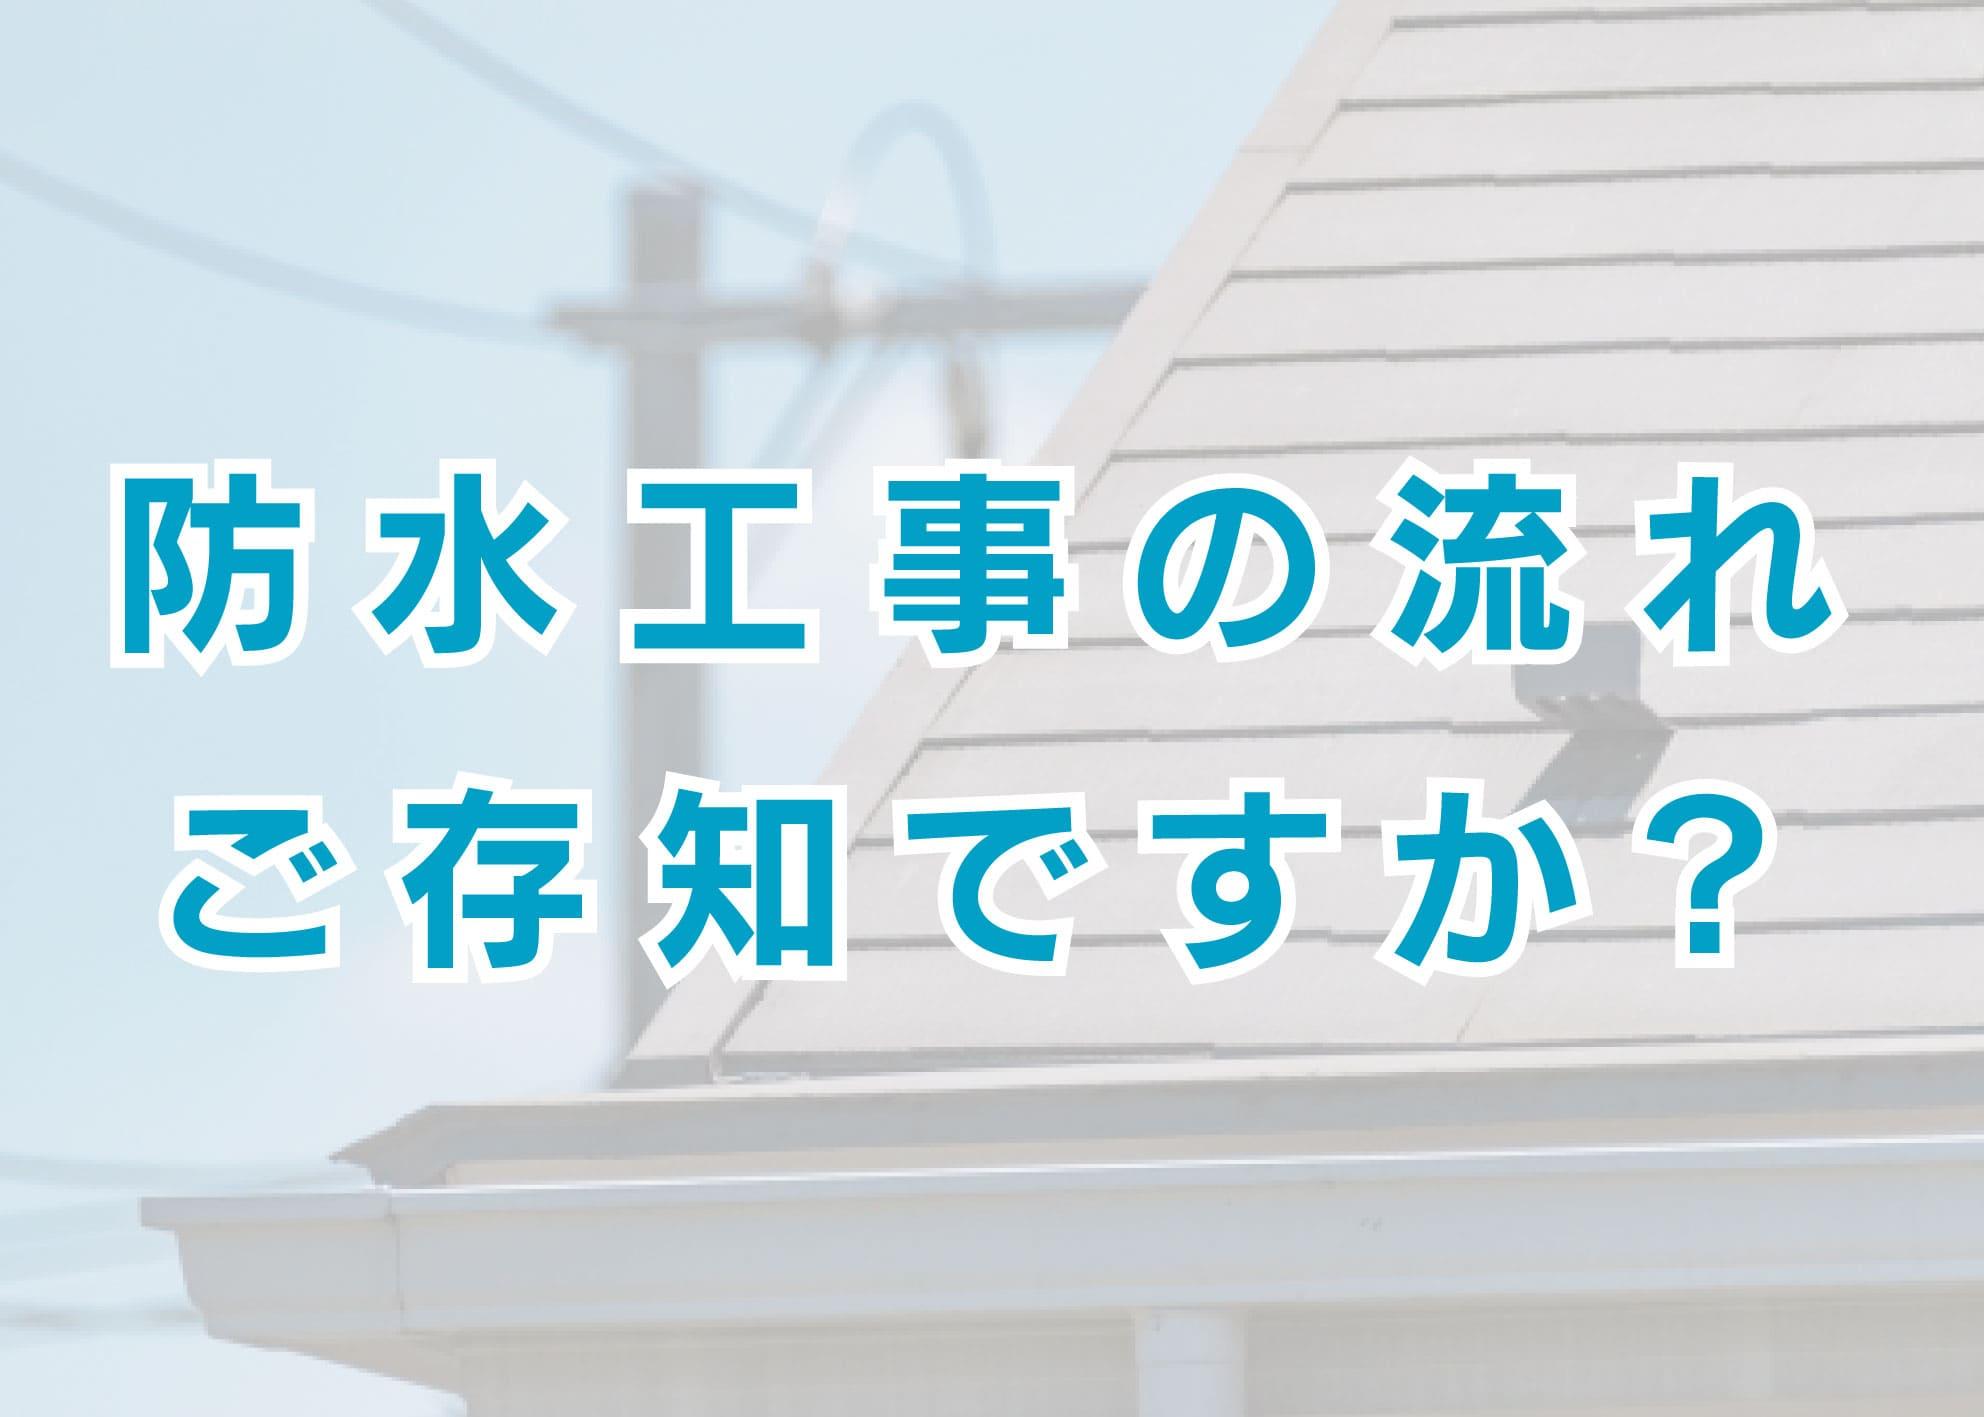 防水工事の流れをご存知ですか?横浜市で外壁塗装や防水工事をお考えの方へ